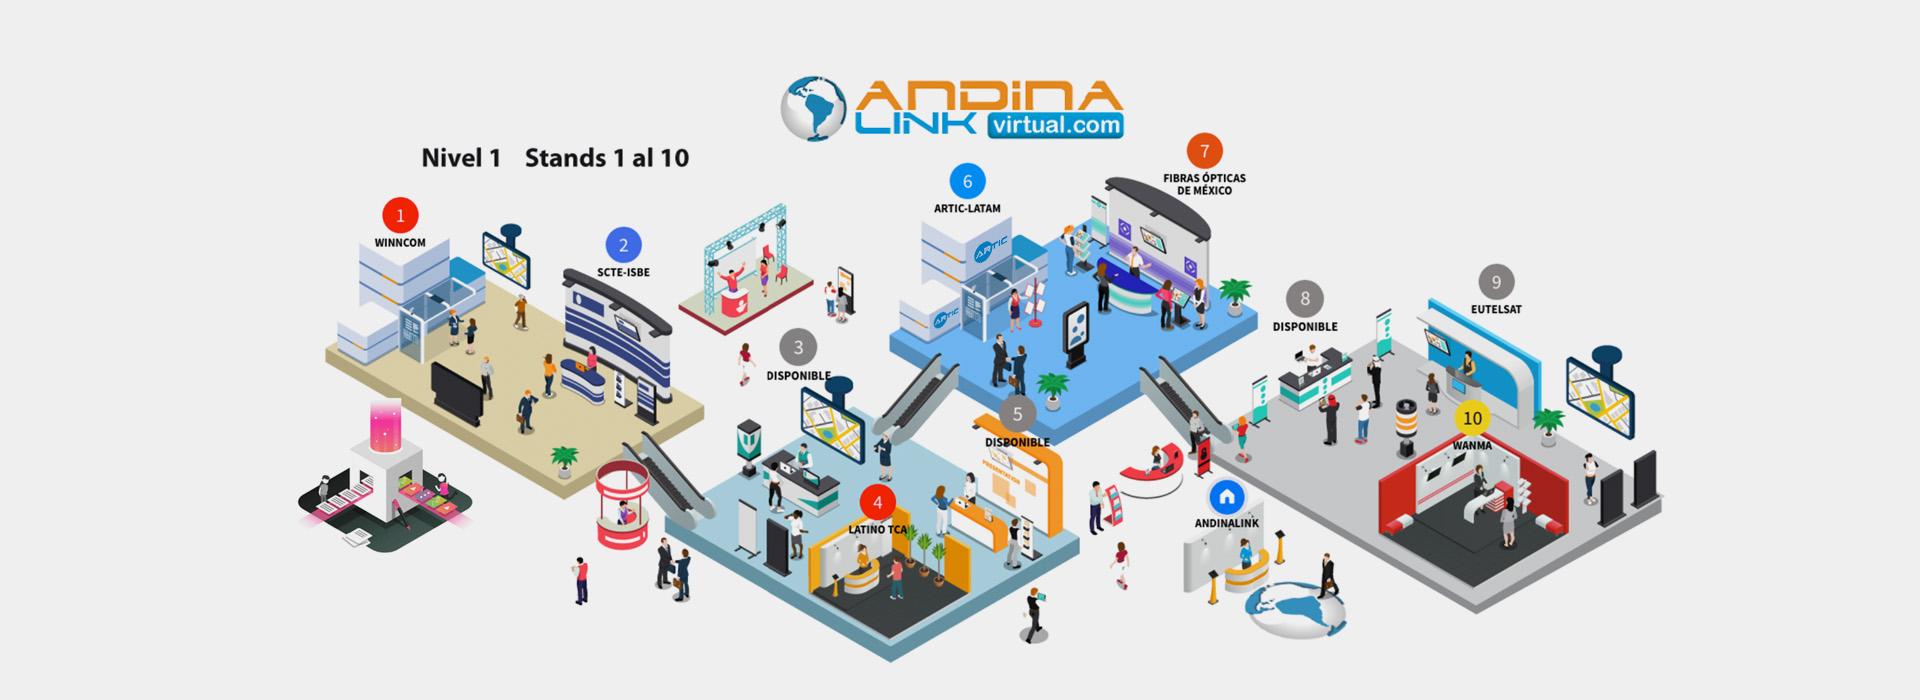 Artic Latam en Andinalink Virtual